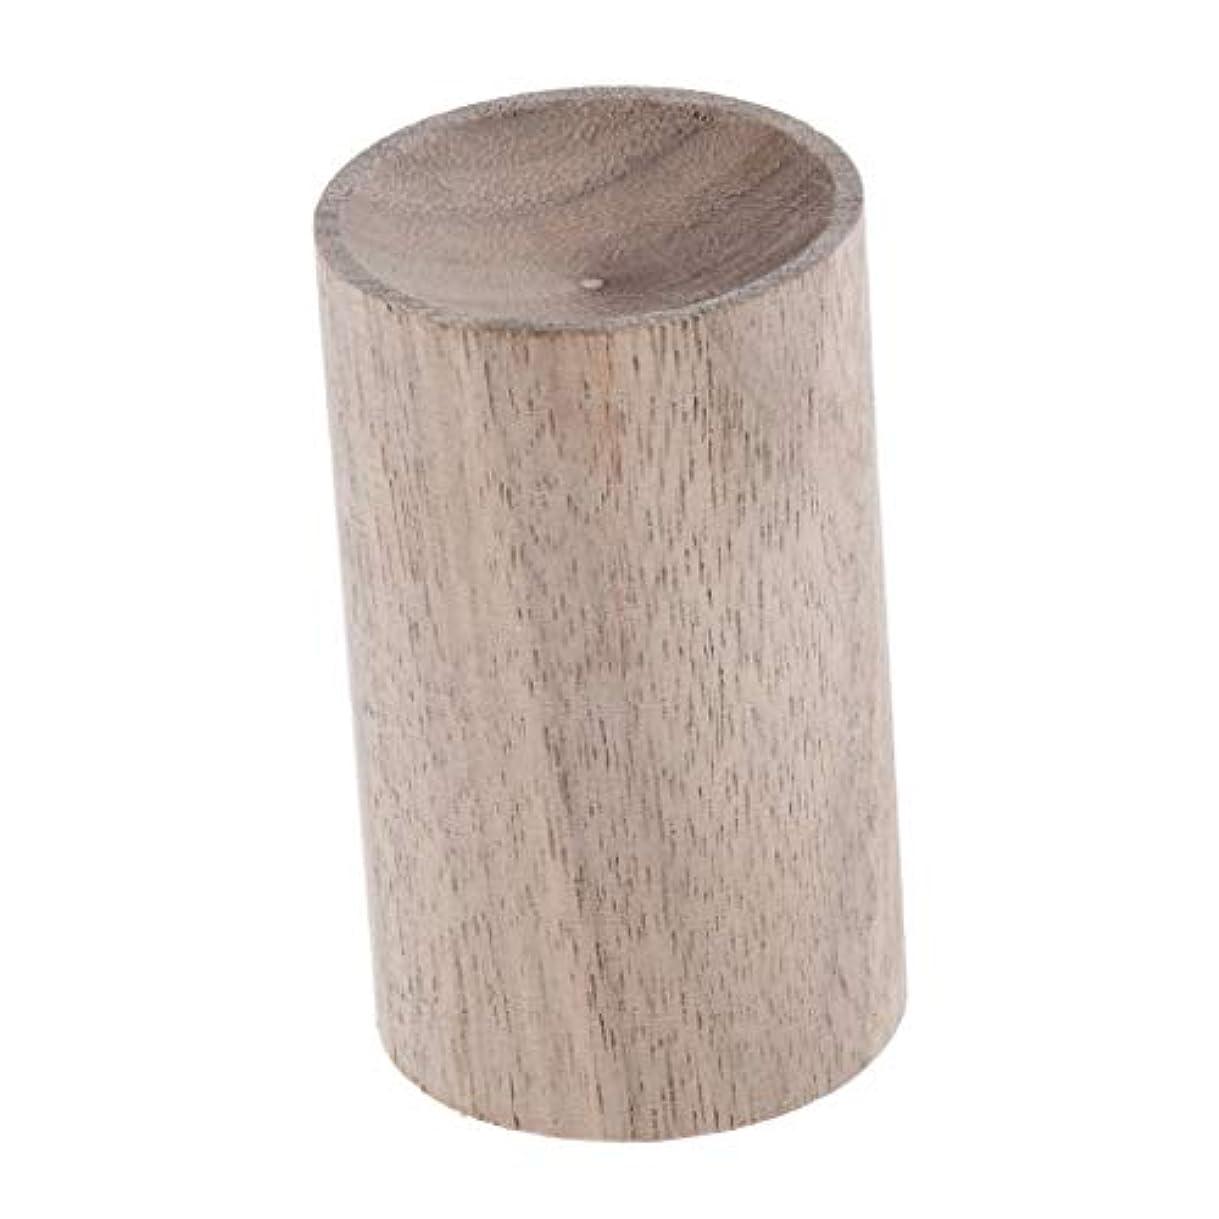 ネットバッチサミュエルPerfeclan 天然木 エアフレッシュナー エッセンシャルオイル 香水 アロマディフューザー 使いやすい 2種選ぶ - 02, 3.2cm